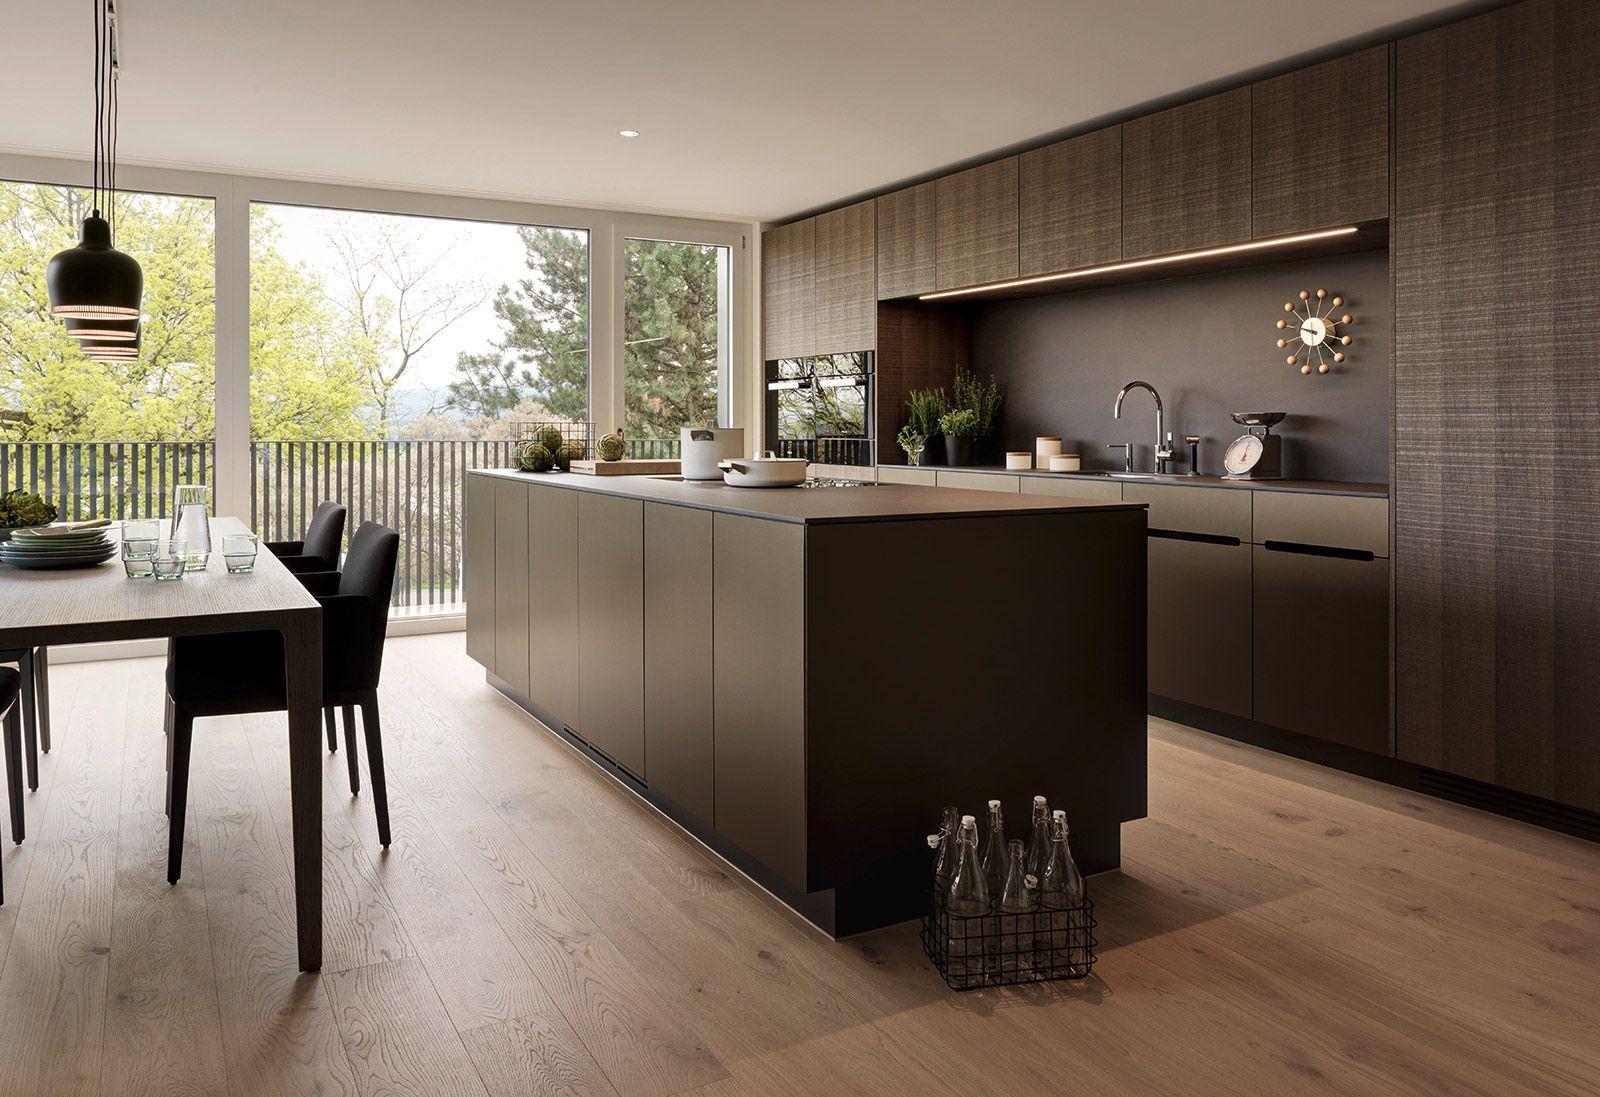 Eine Grosszugige Raumgestaltung Verbindet Kuche Und Wohnzimmer Mit Modernen Aluminium Fronten Kuchenprodukte Kuche Und Wohnzimmer Moderne Kuche